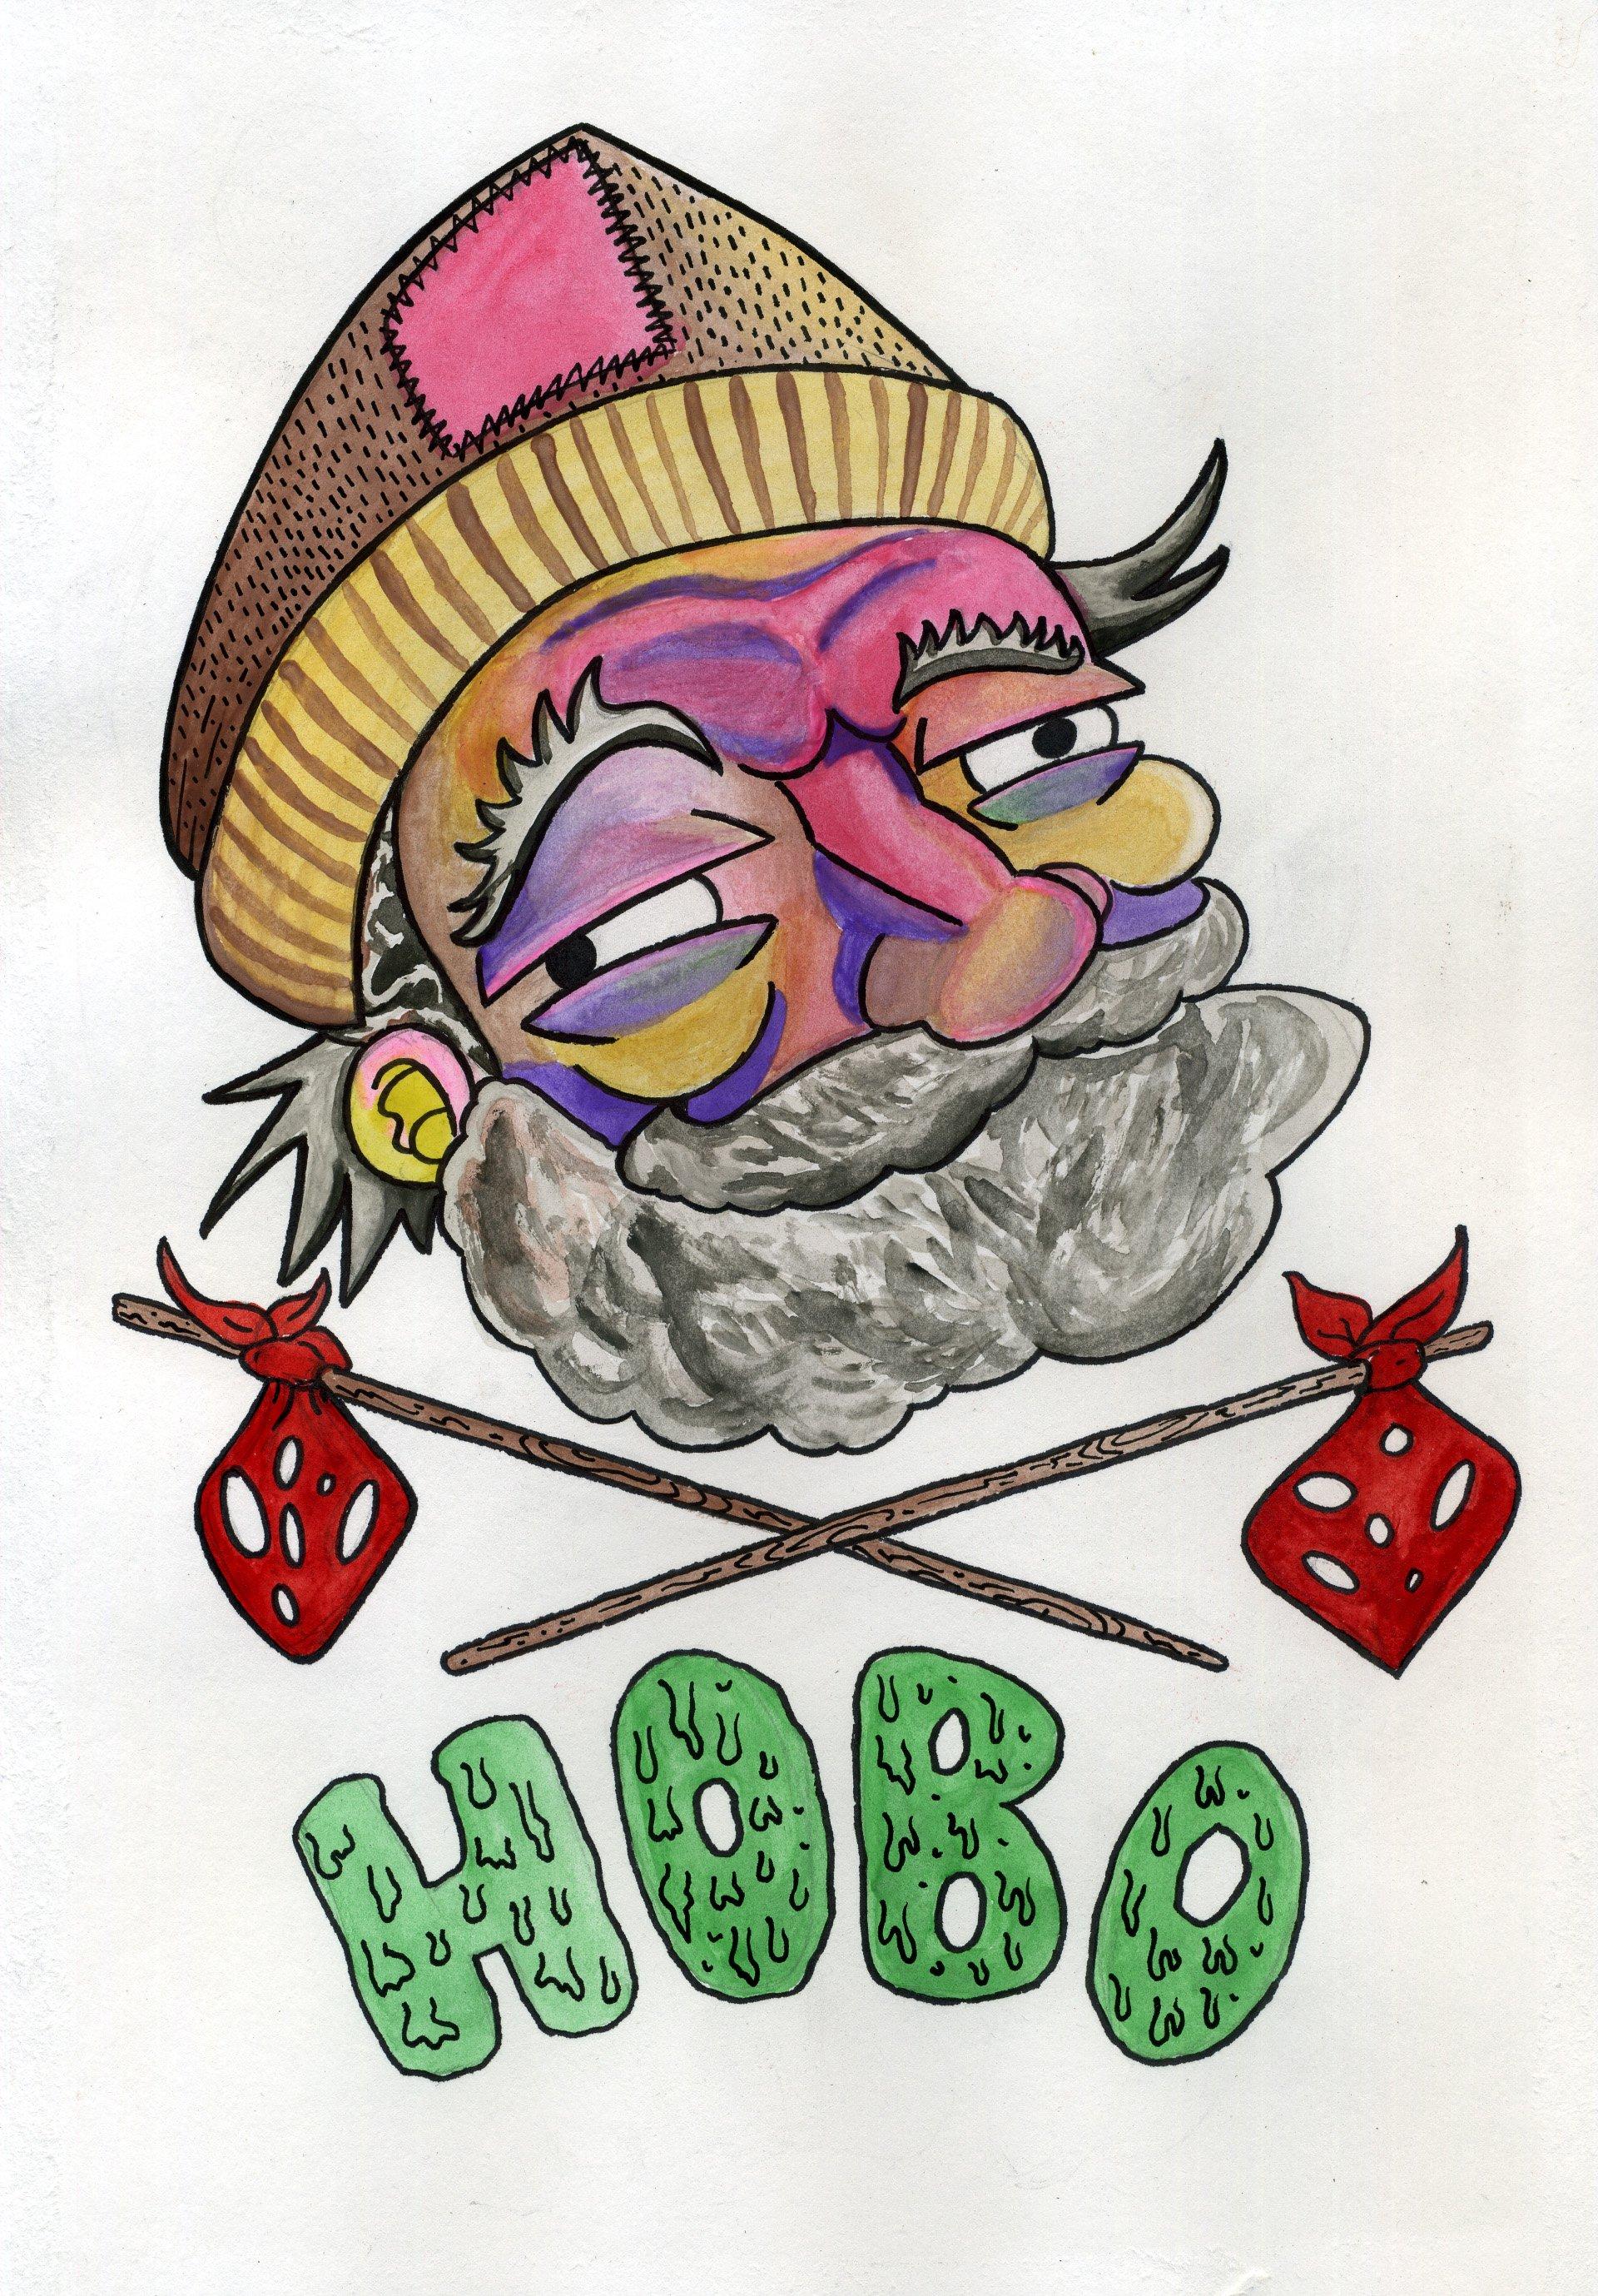 hobo1